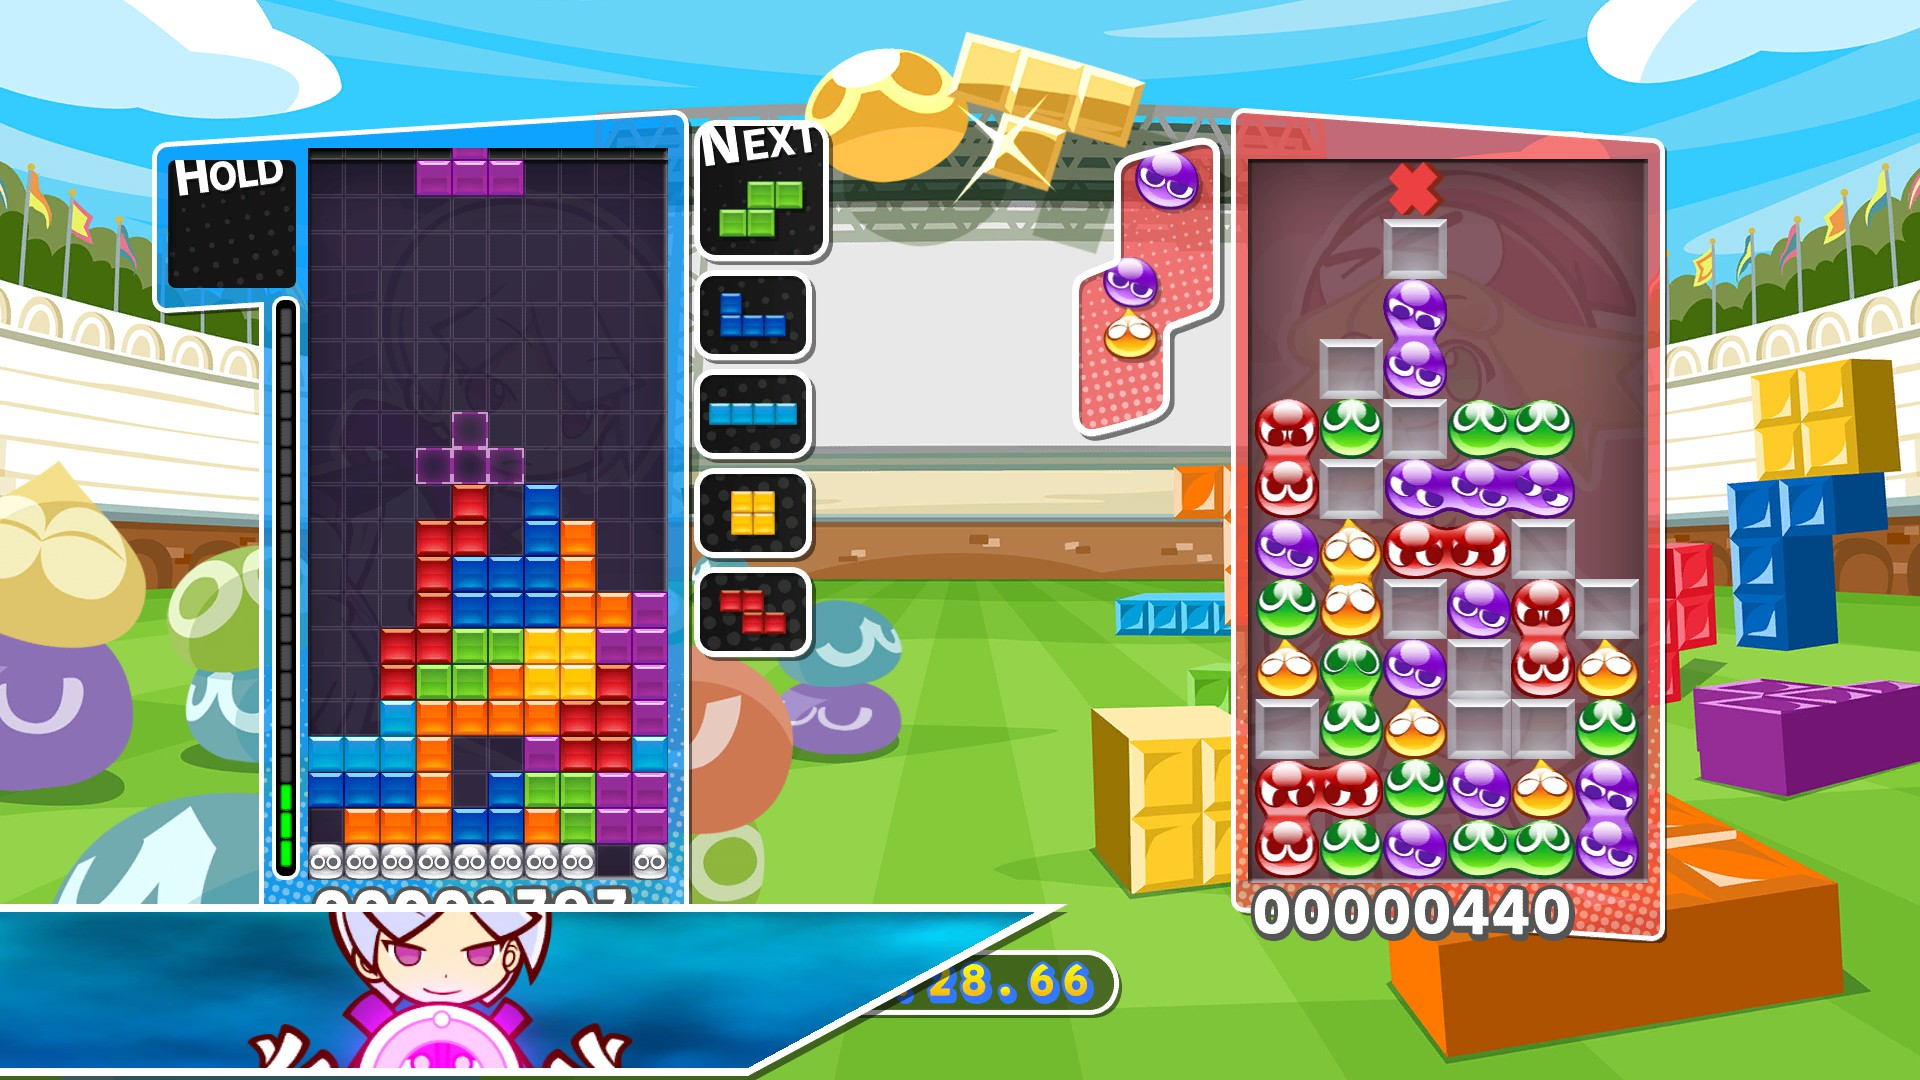 puyo puyo tetris on steam